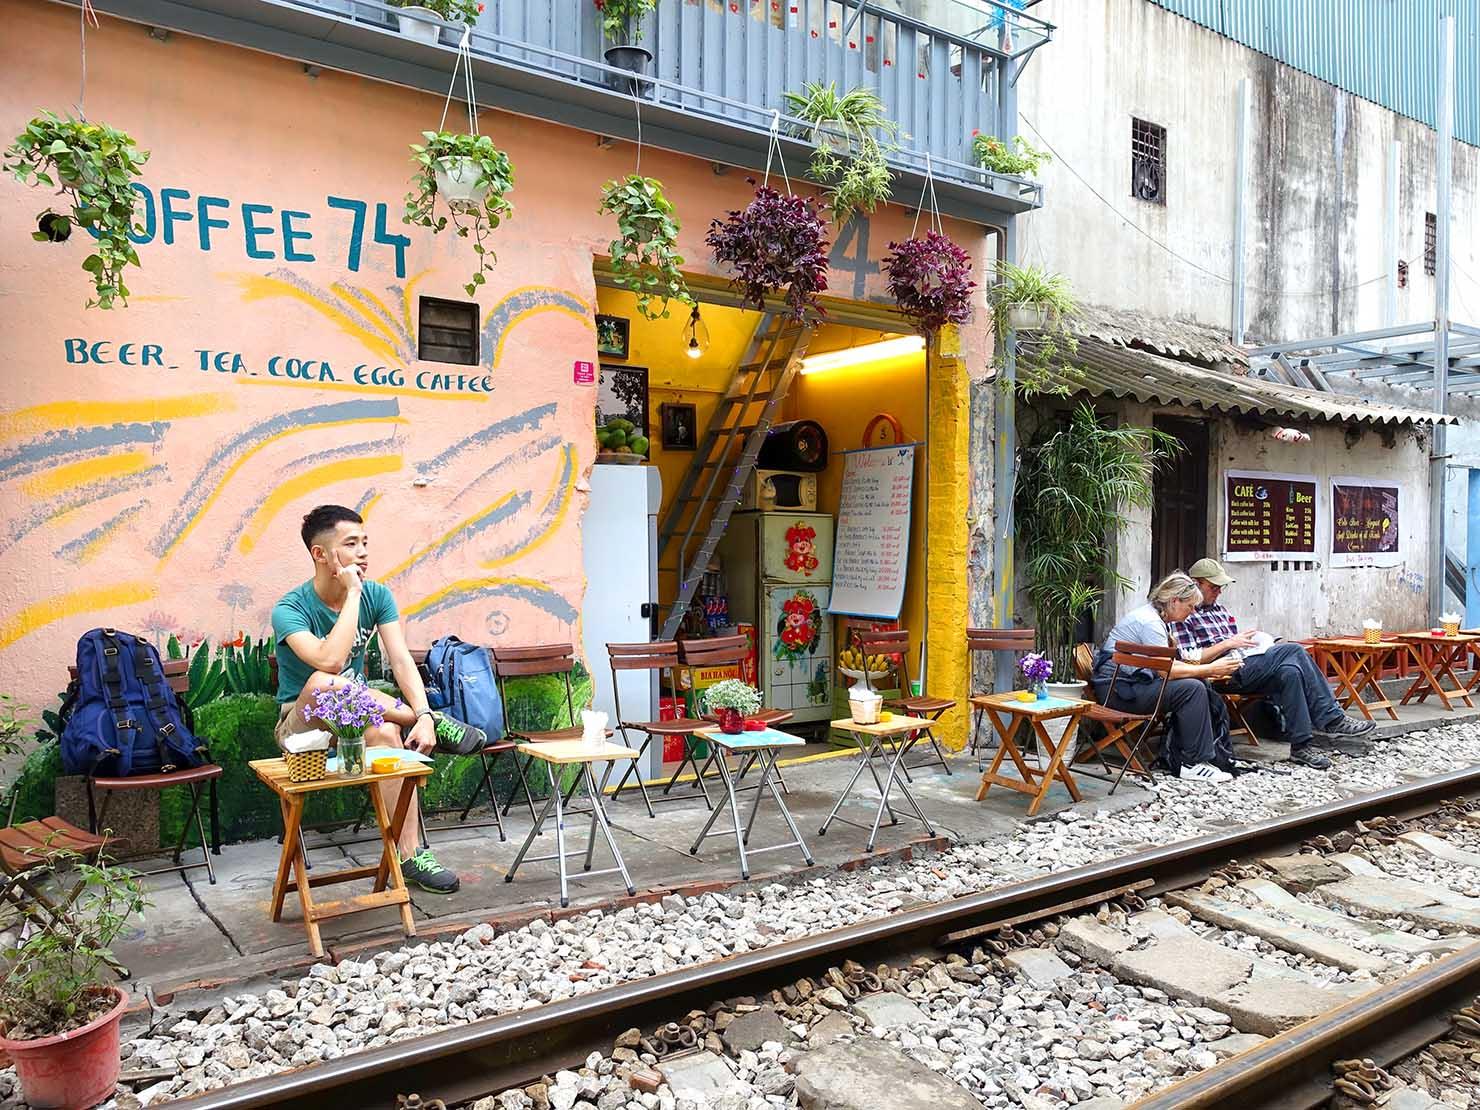 ベトナム・ハノイ旧市街にあるトレインストリートのカフェ